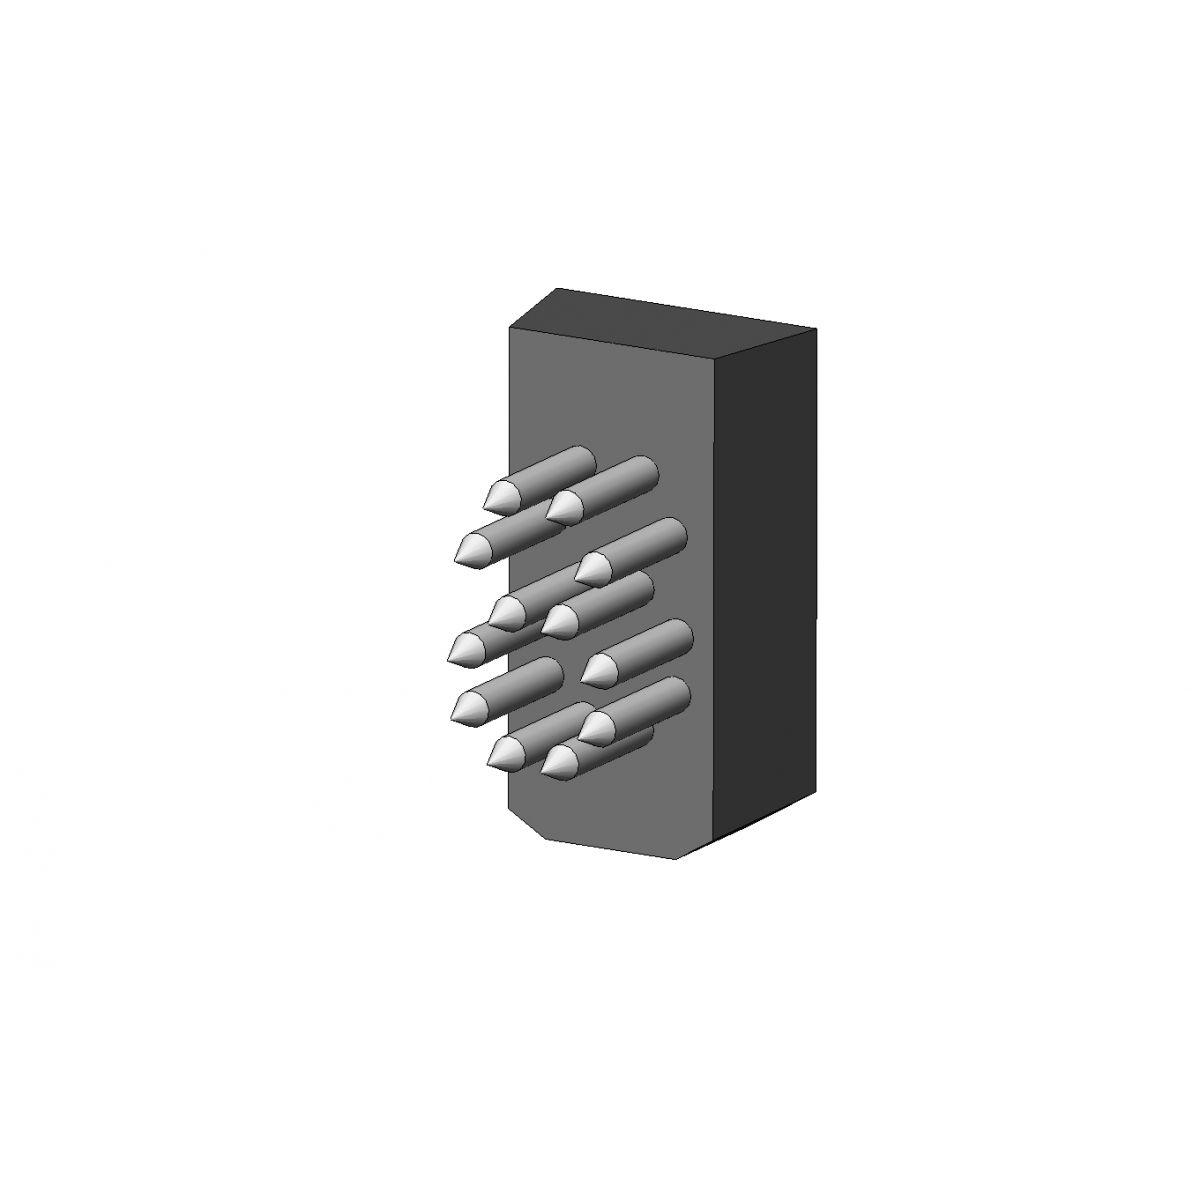 Jogo Números L10 x 17.5 (10 mm) - 4 Espaços